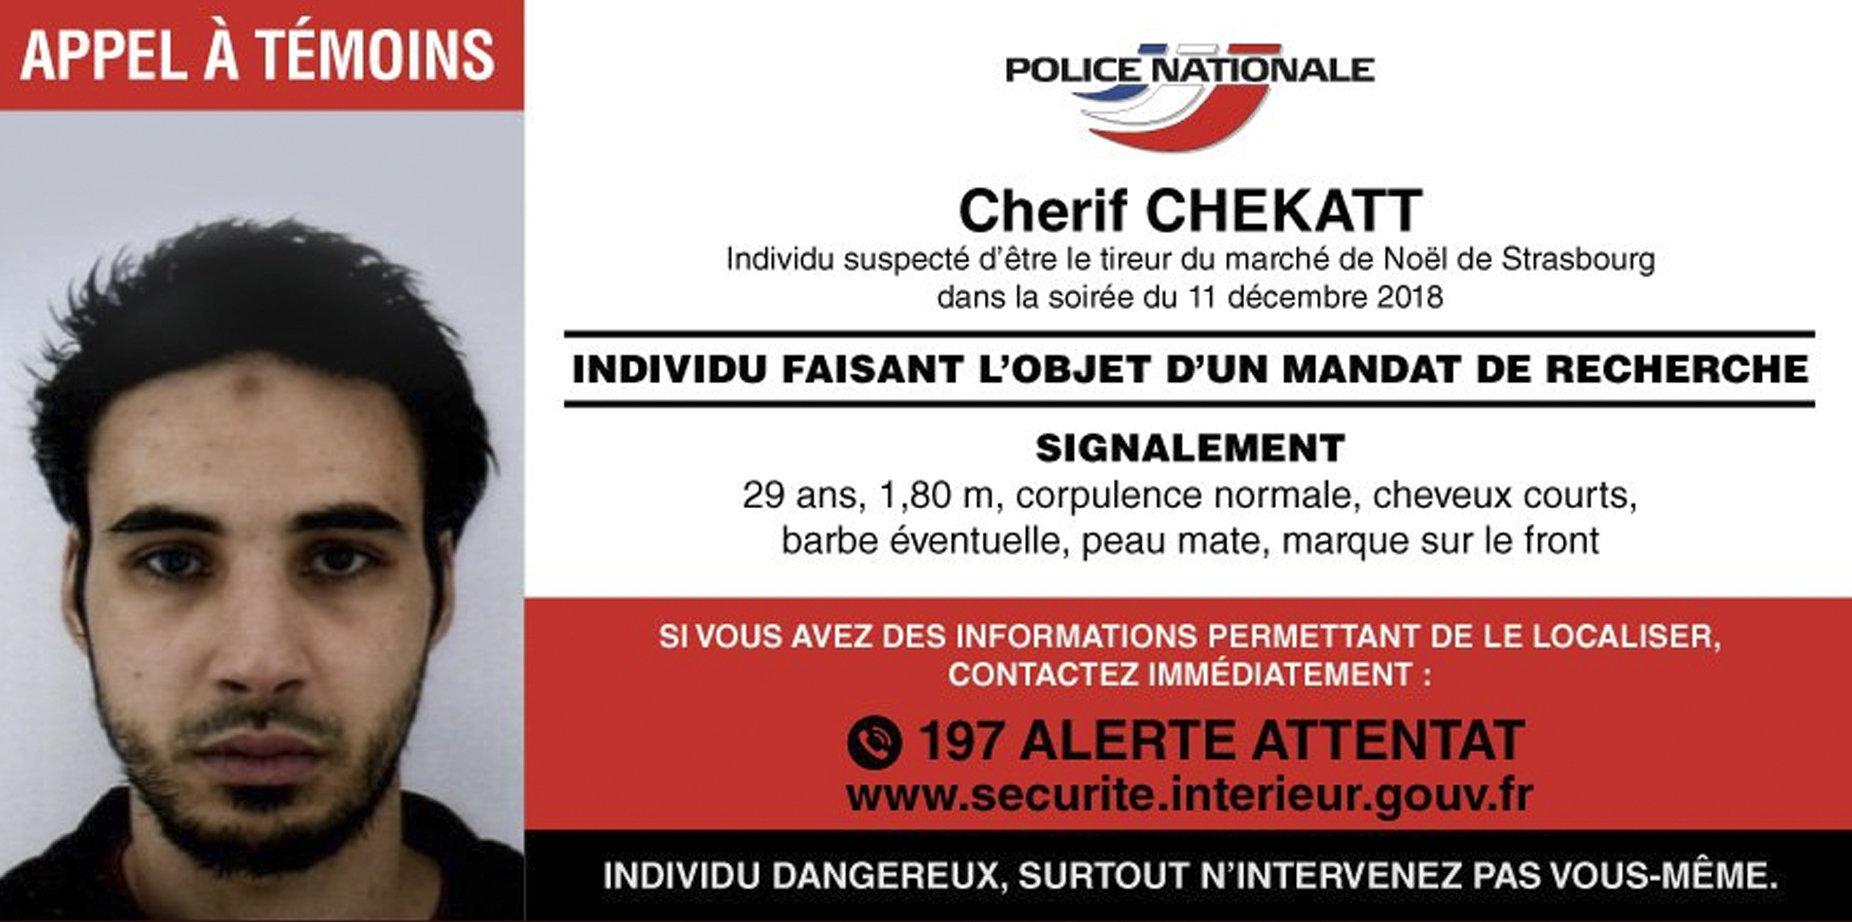 프랑스 스트라스부르 테러 용의자가 경찰에